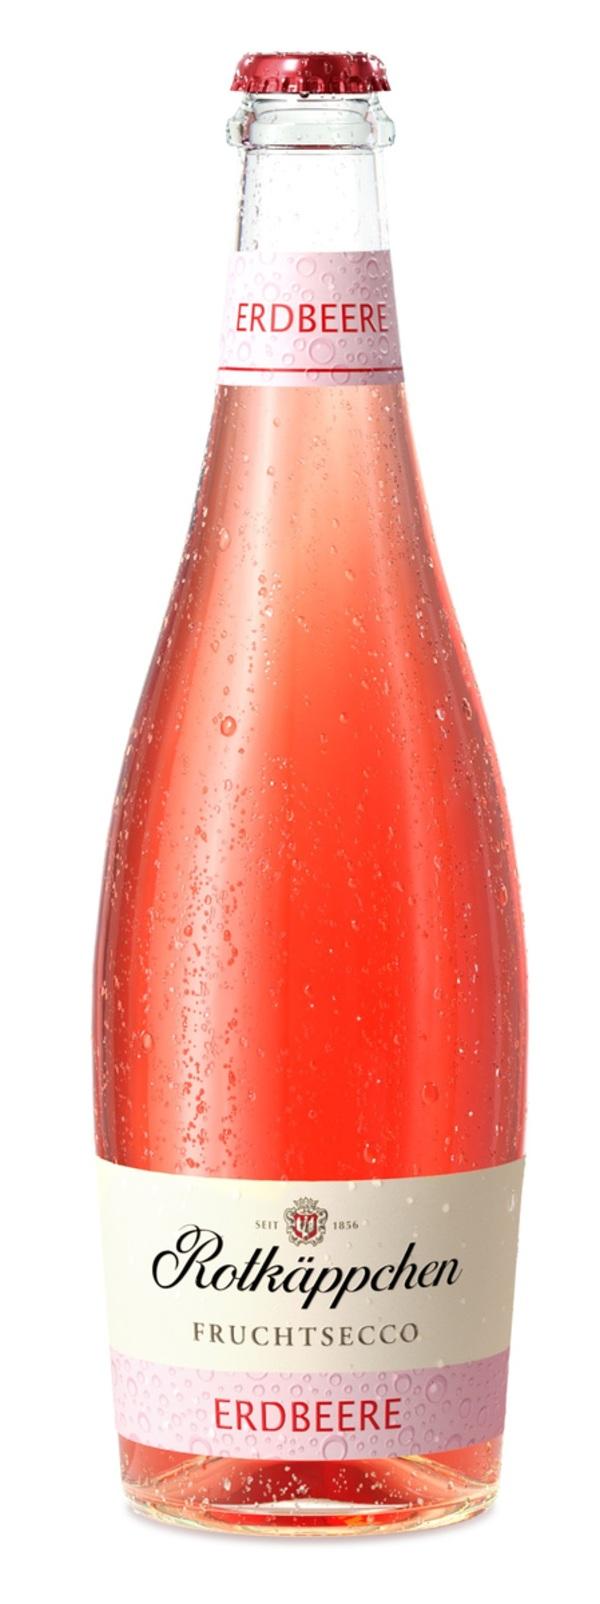 Rotkäppchen Fruchtsecco Erdbeere 0,75 ltr